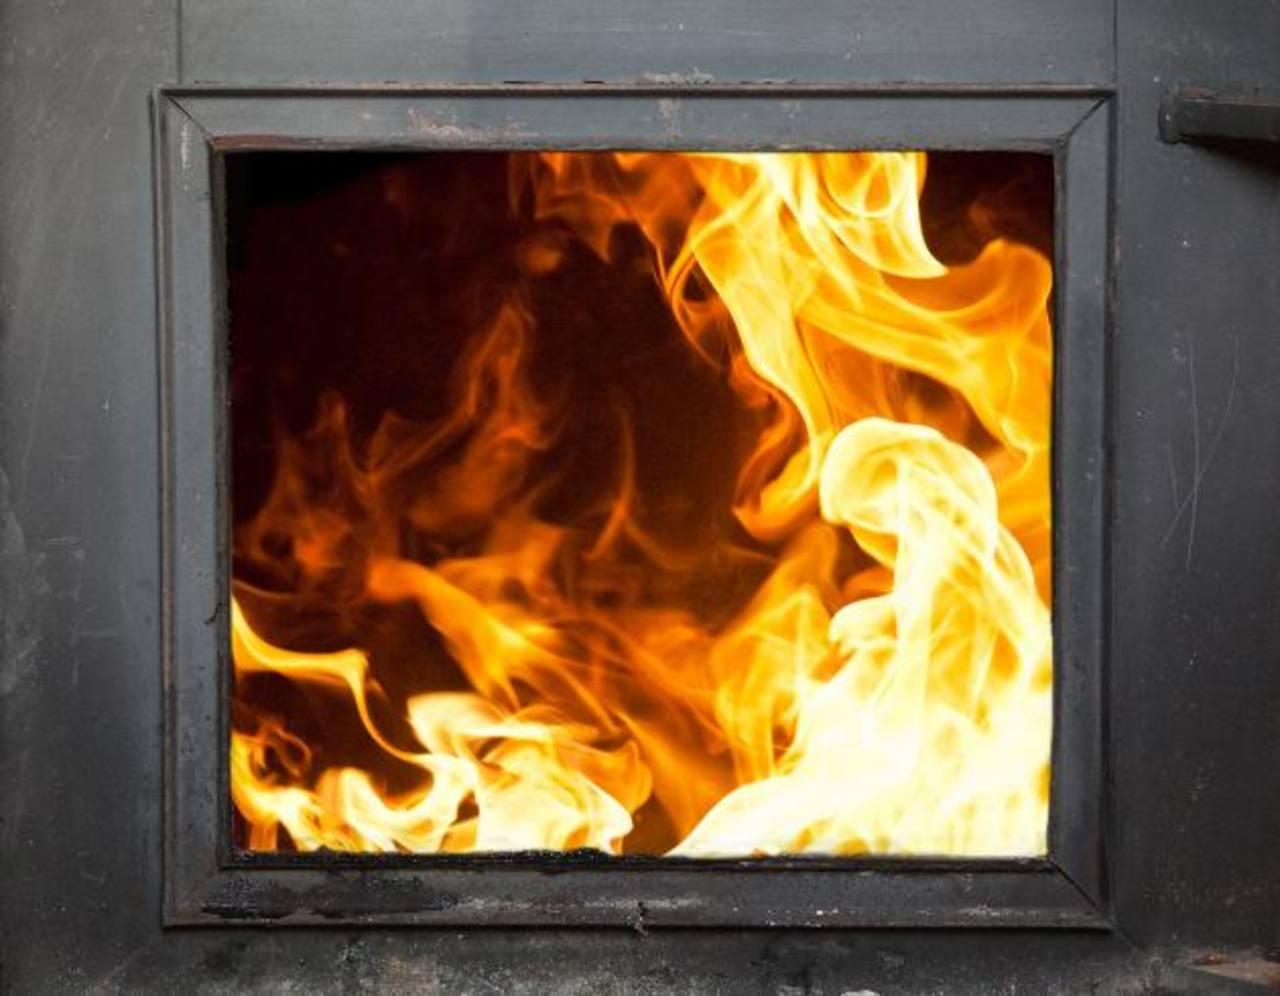 Algunas empresas en El Salvador cuentan con hornos incineradores de desechos, como la cementera Holcim, que tiene uno para quemar llantas usadas de todo el país. Holly Jones, directora ejecutiva del Cedes. Foto EDH / douglas urquilla